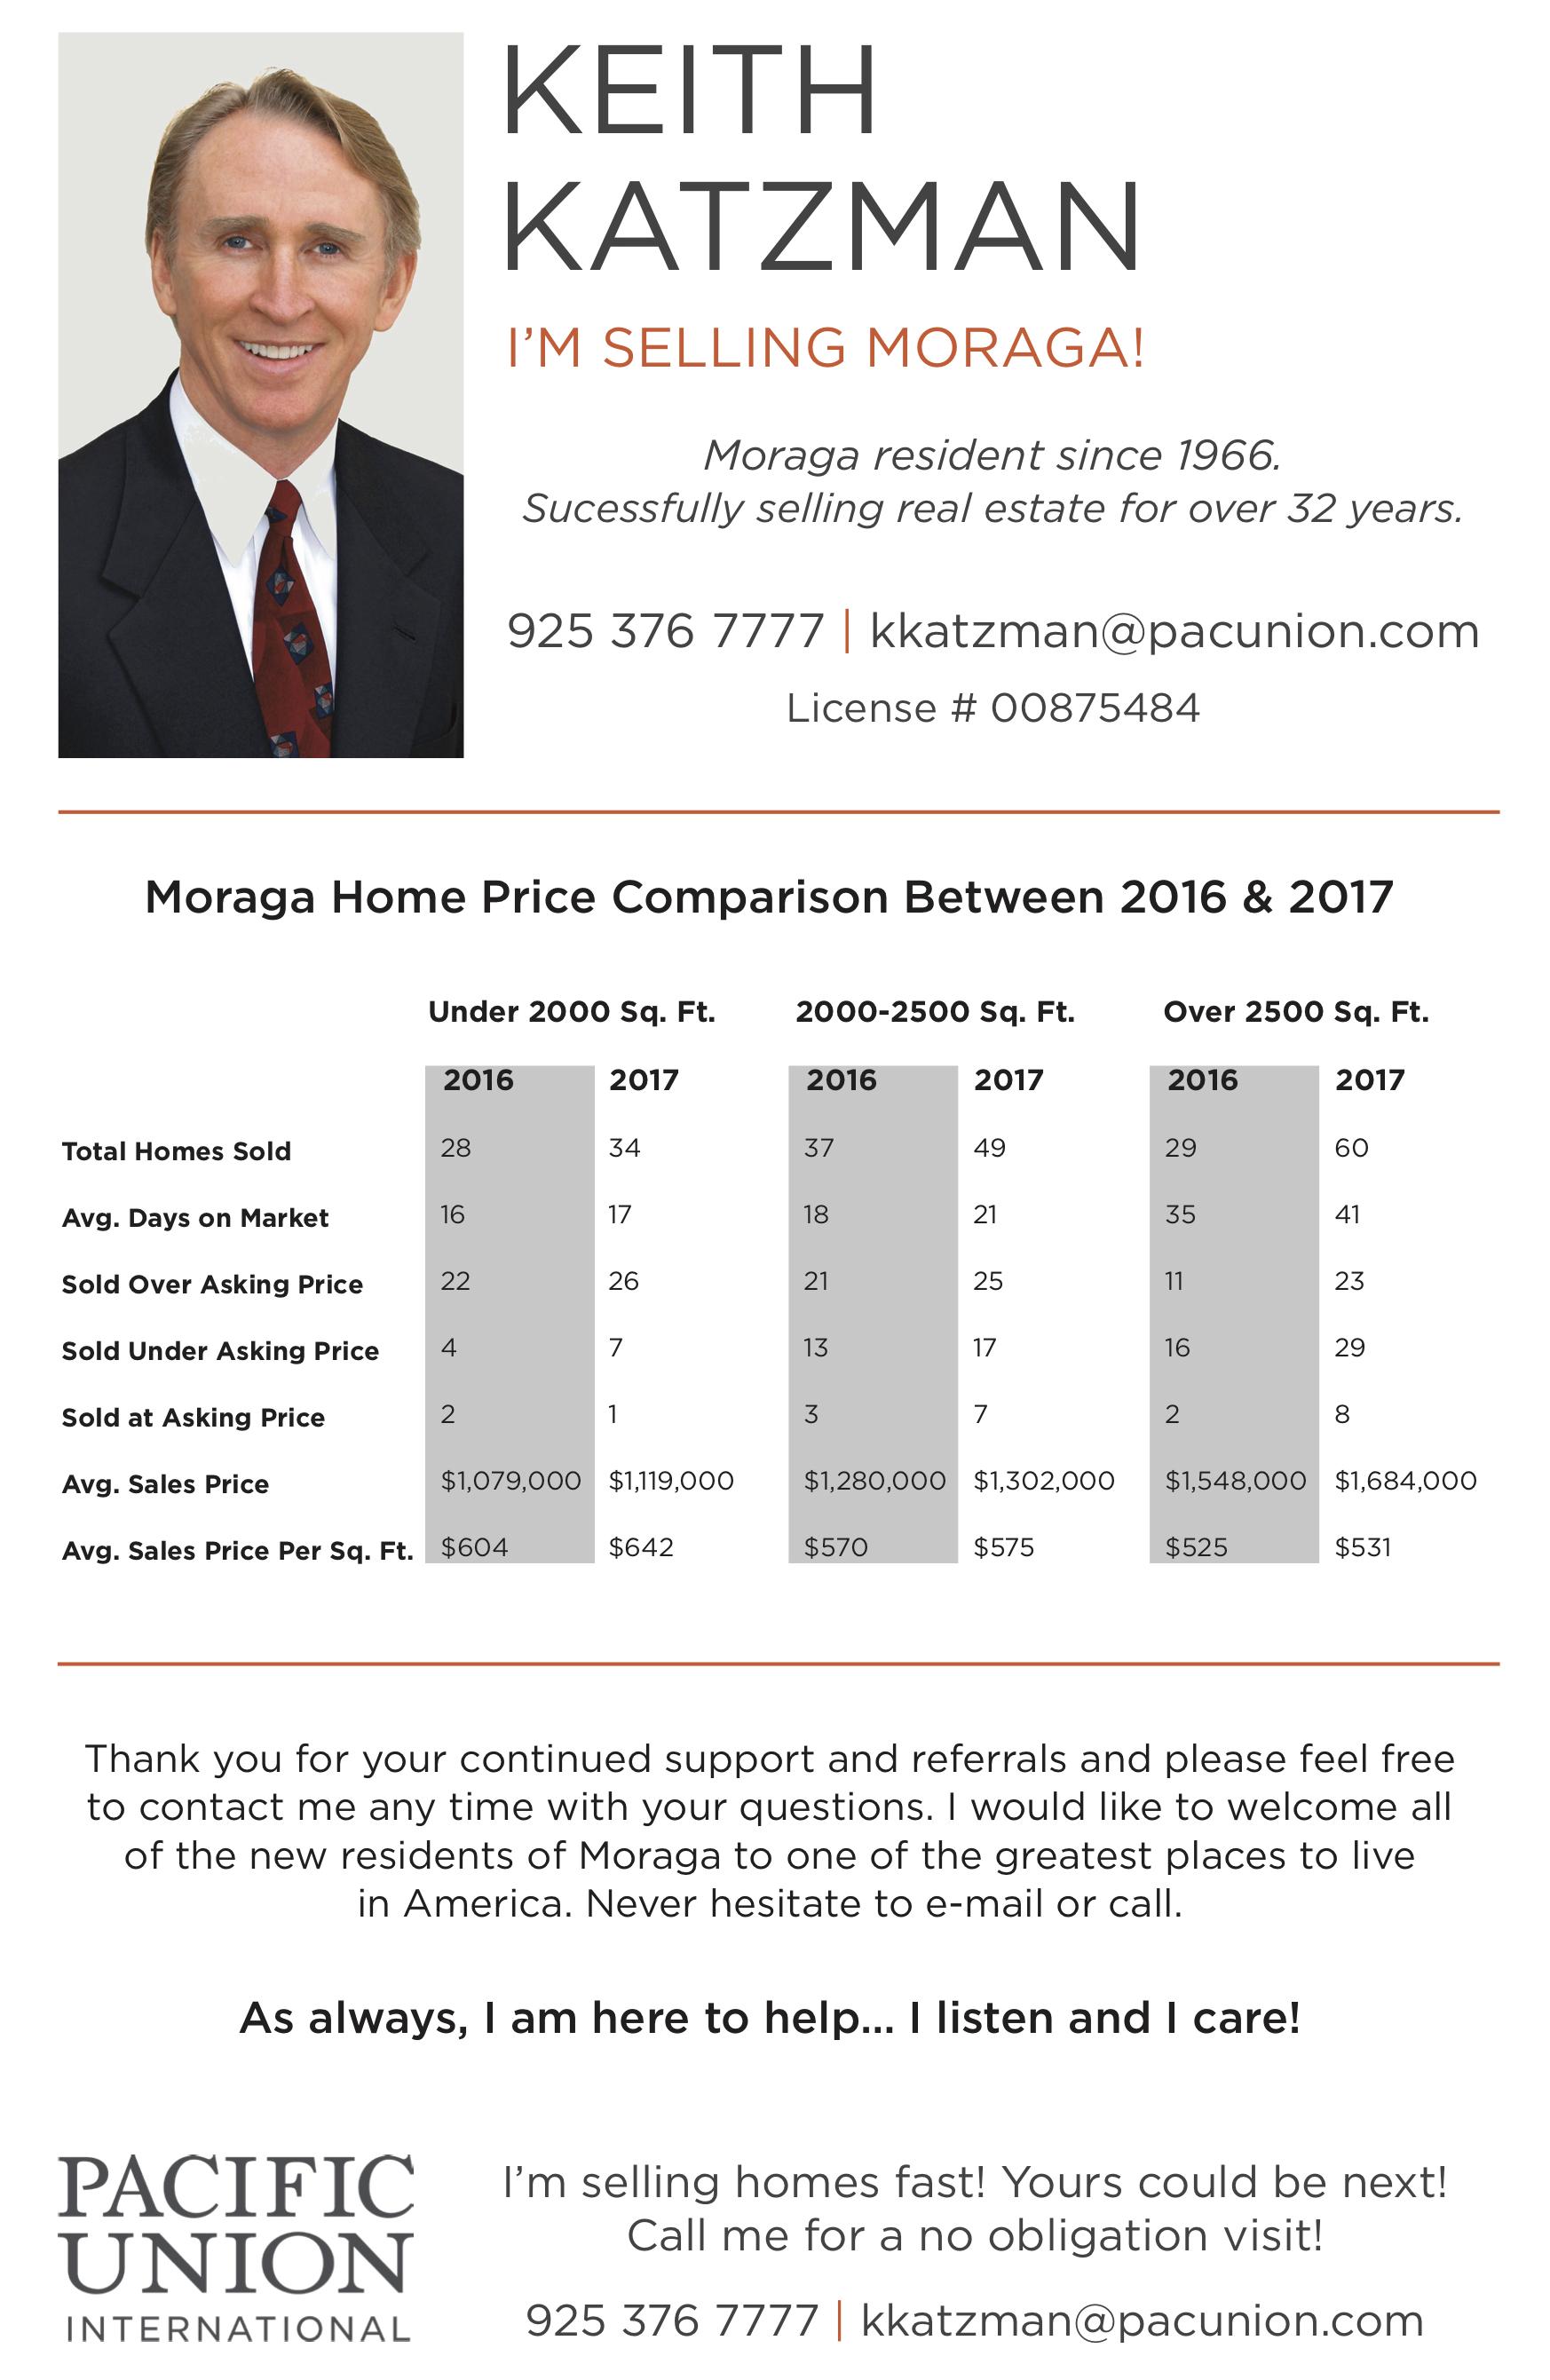 Moraga Home Price Comparison Between 2016 & 2017